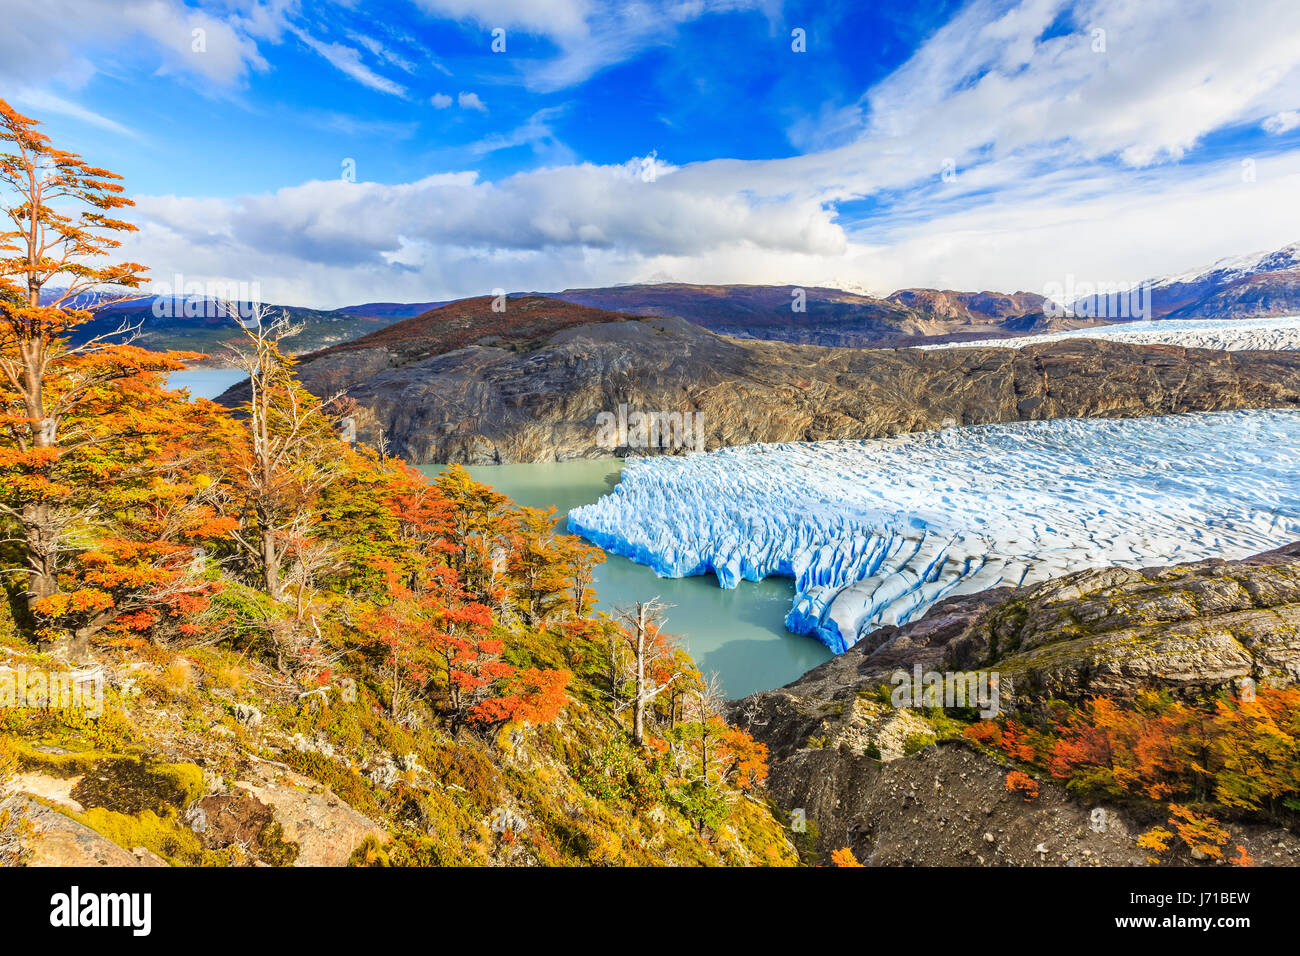 Parco Nazionale di Torres del Paine Cile. Ghiacciaio Grey. Immagini Stock